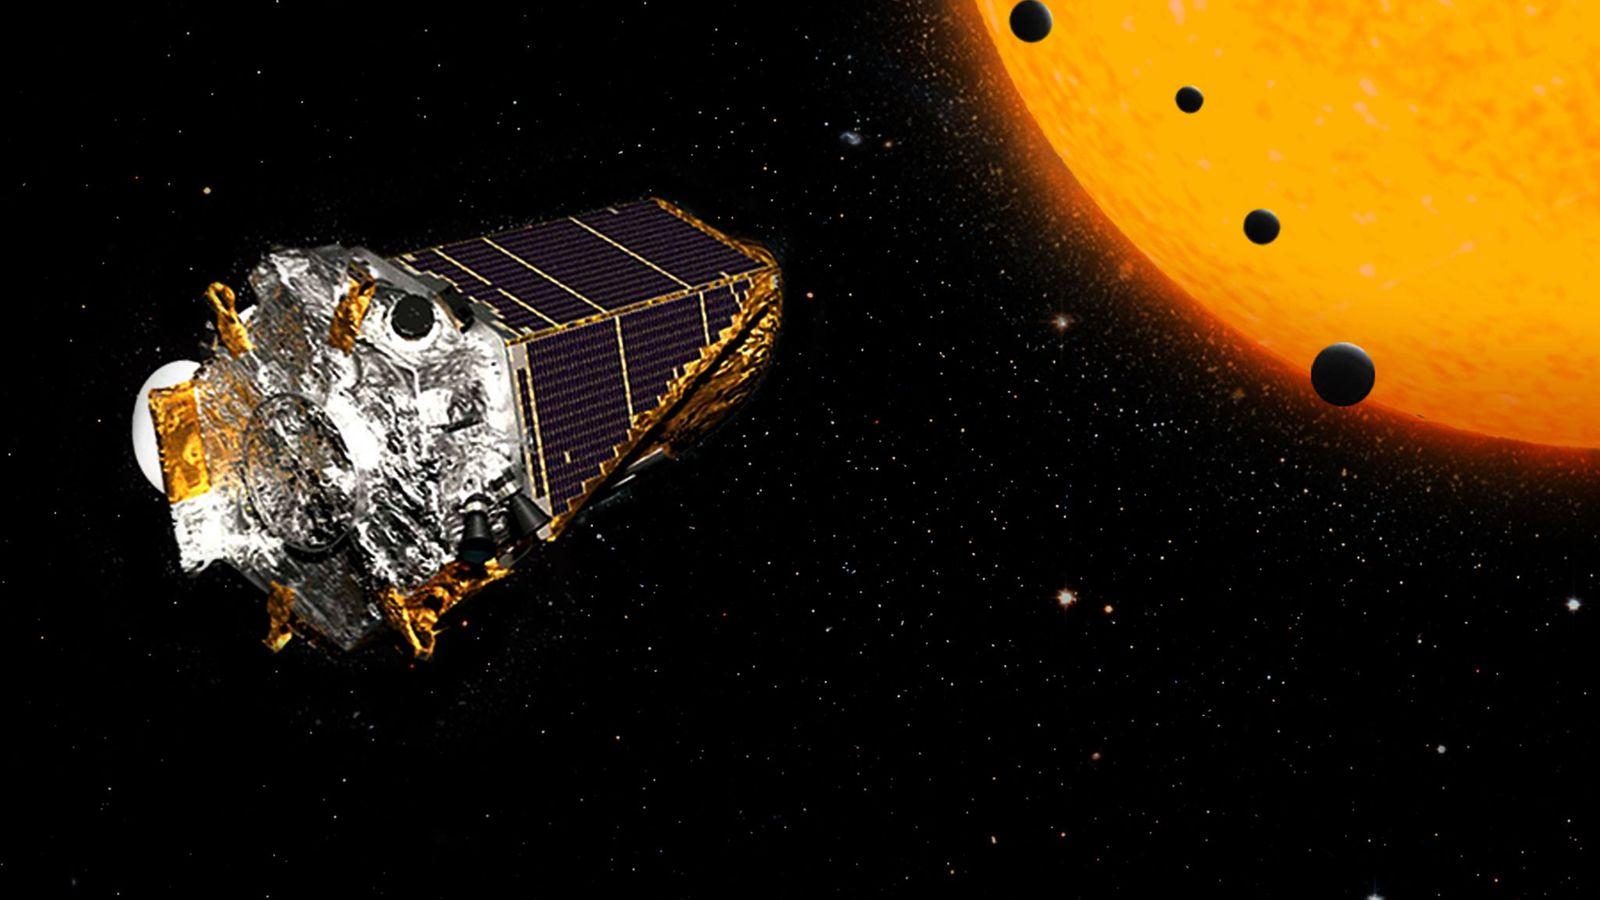 Une illustration de Kepler, le télescope spatial de la NASA.